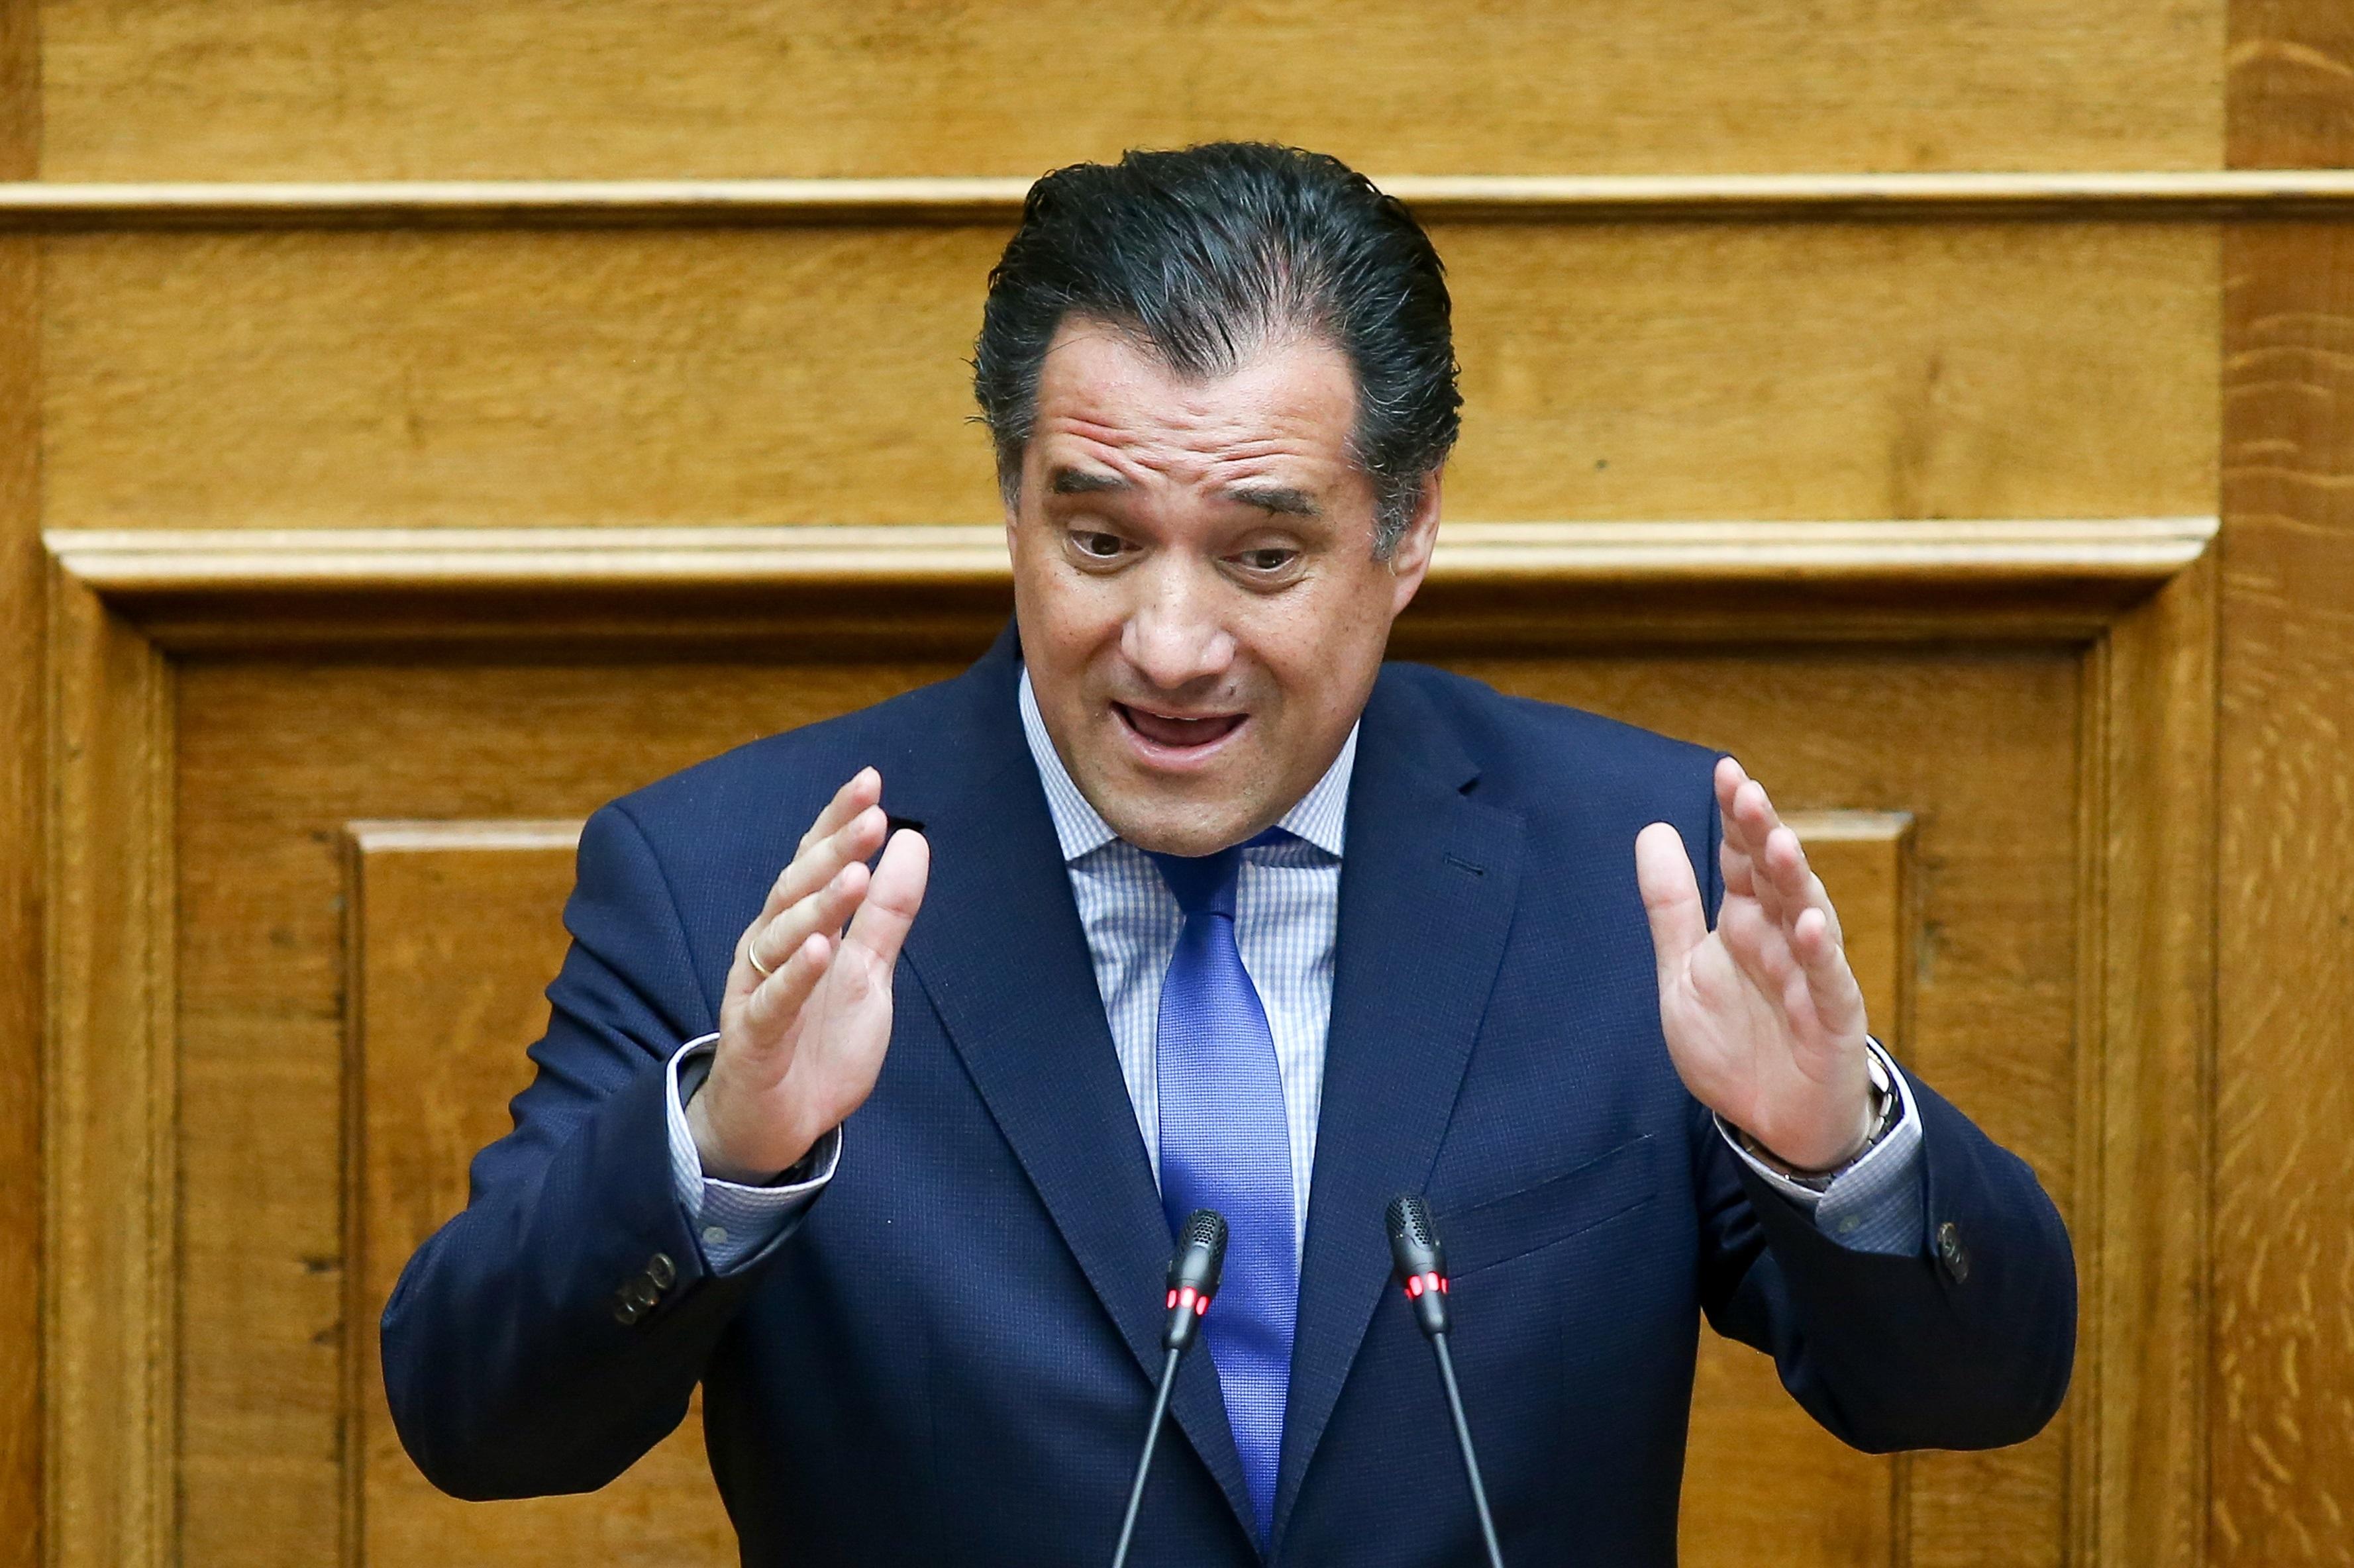 Γεωργιάδης: Διπλασιάστηκε η απορρόφηση του ΕΣΠΑ – Μοιράζονται άλλα 725 εκατ. ευρώ άμεσα